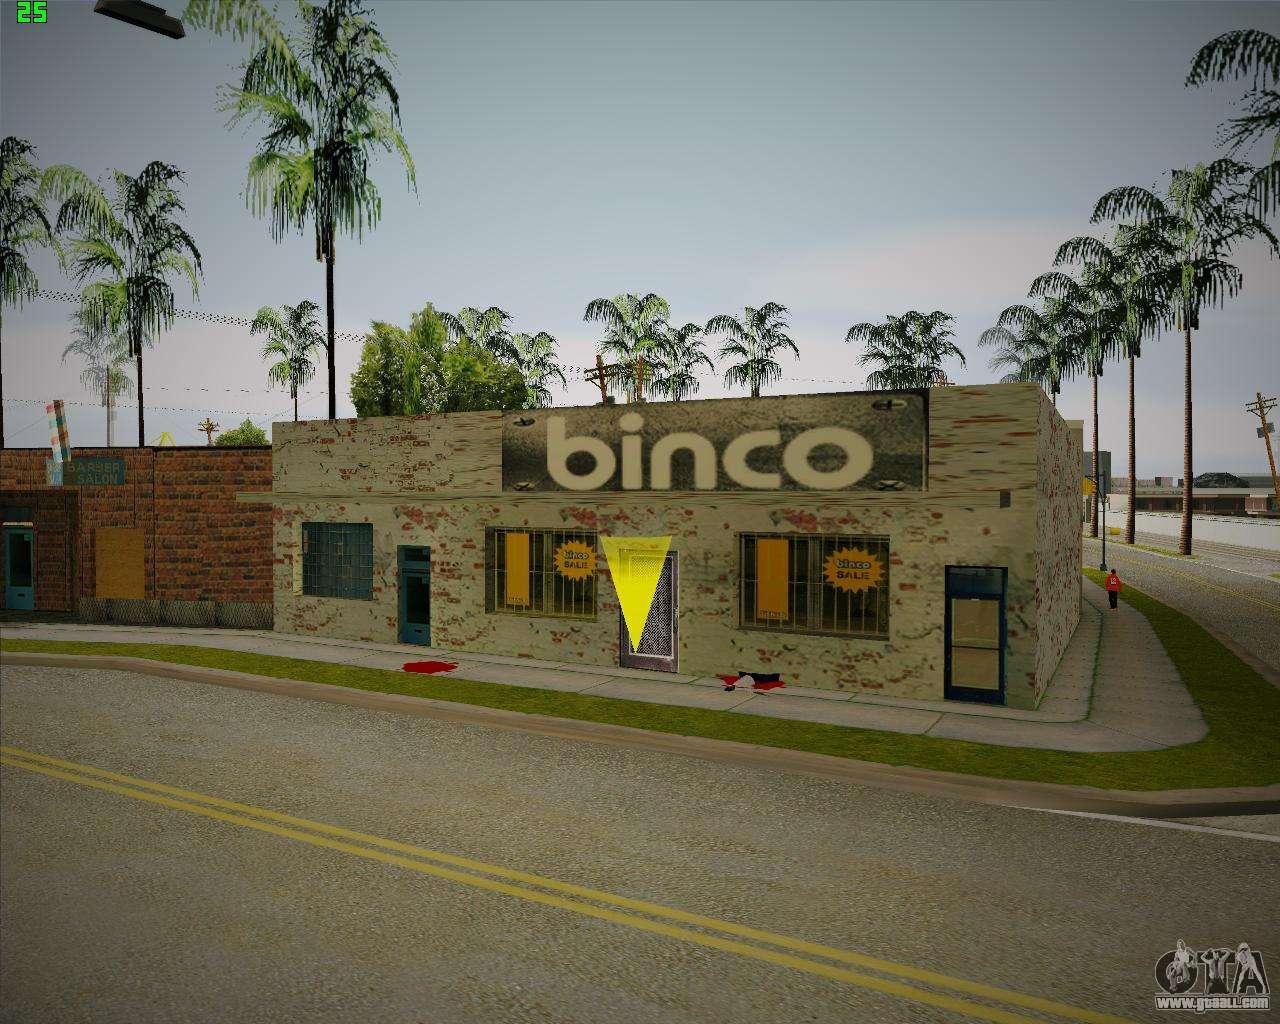 Broken Binco store for GTA San Andreas